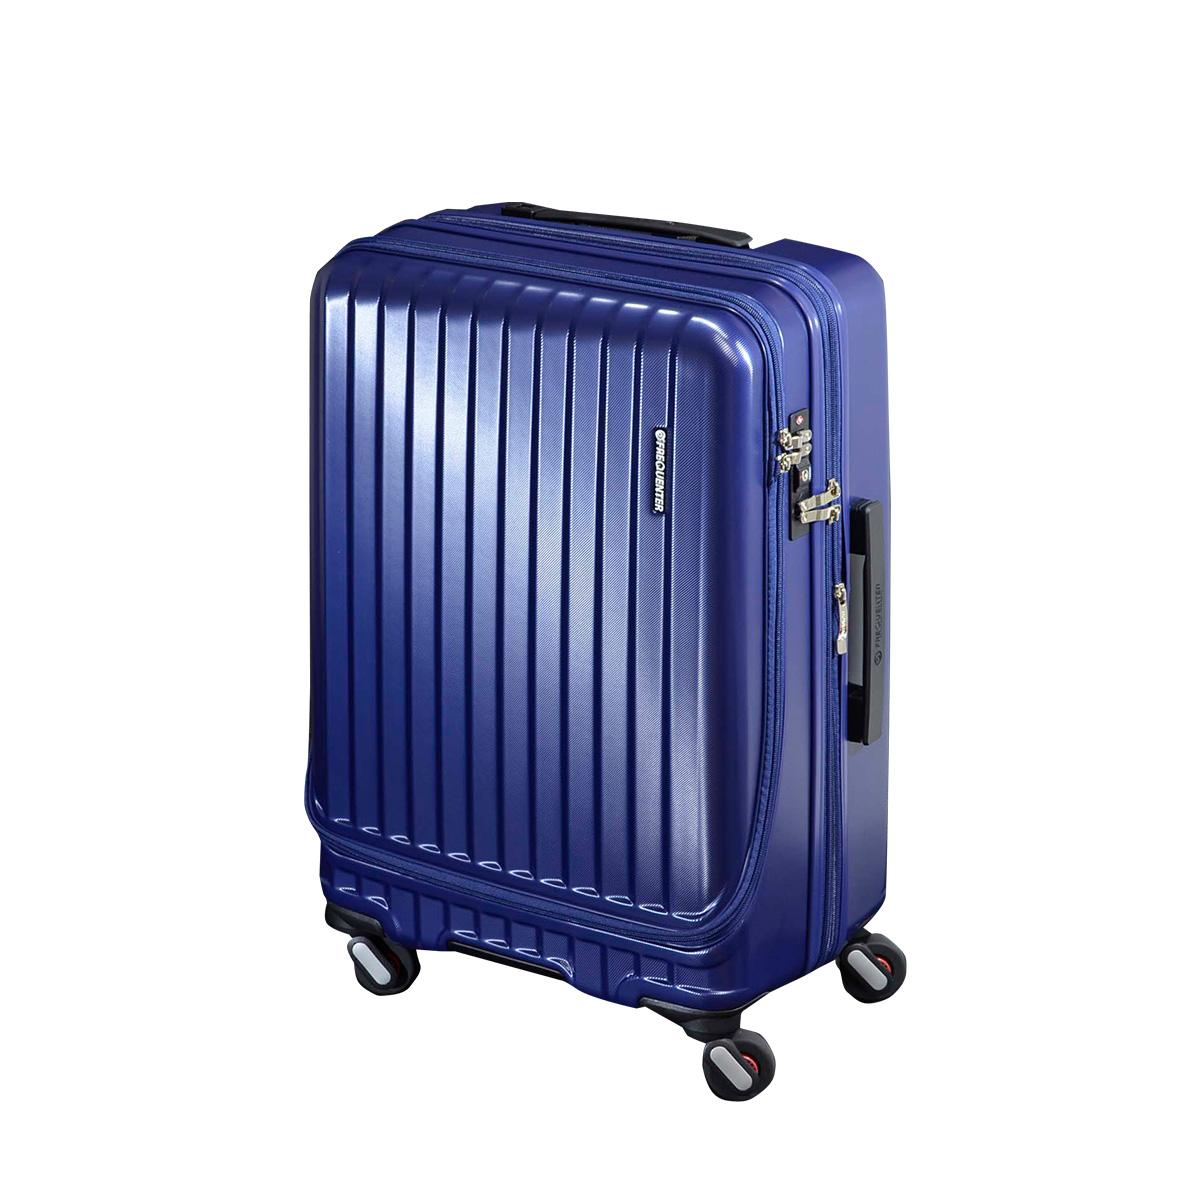 激安の FREQUENTER MALIE フリクエンター スーツケース キャリーケース キャリーバッグ マリエ 55-66L メンズ 拡張 ハード ガンメタル アイボリー ネイビー 1-281, i.axe 4e9d96ea